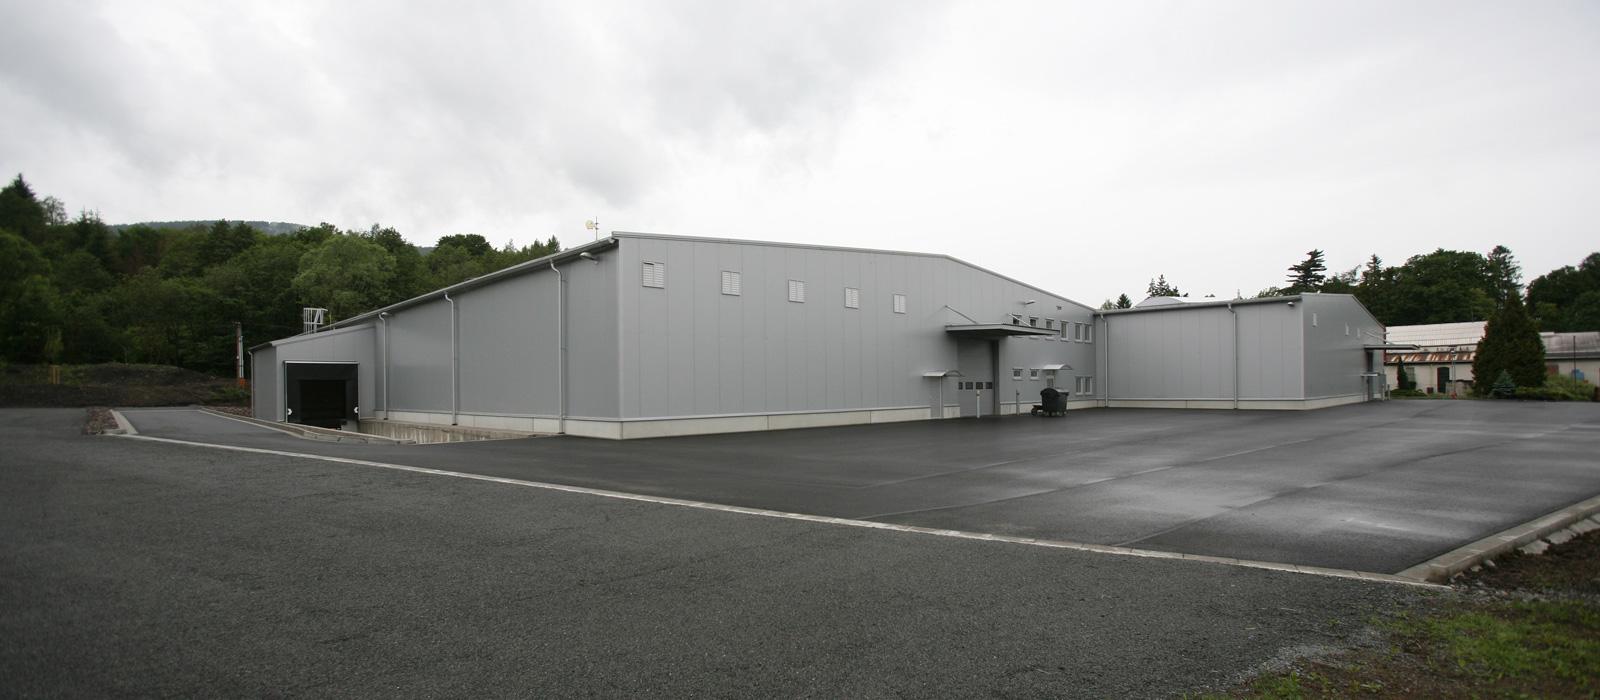 Dostavba výrobního areálu PV-Czech Frýdlant nad Ostravicí